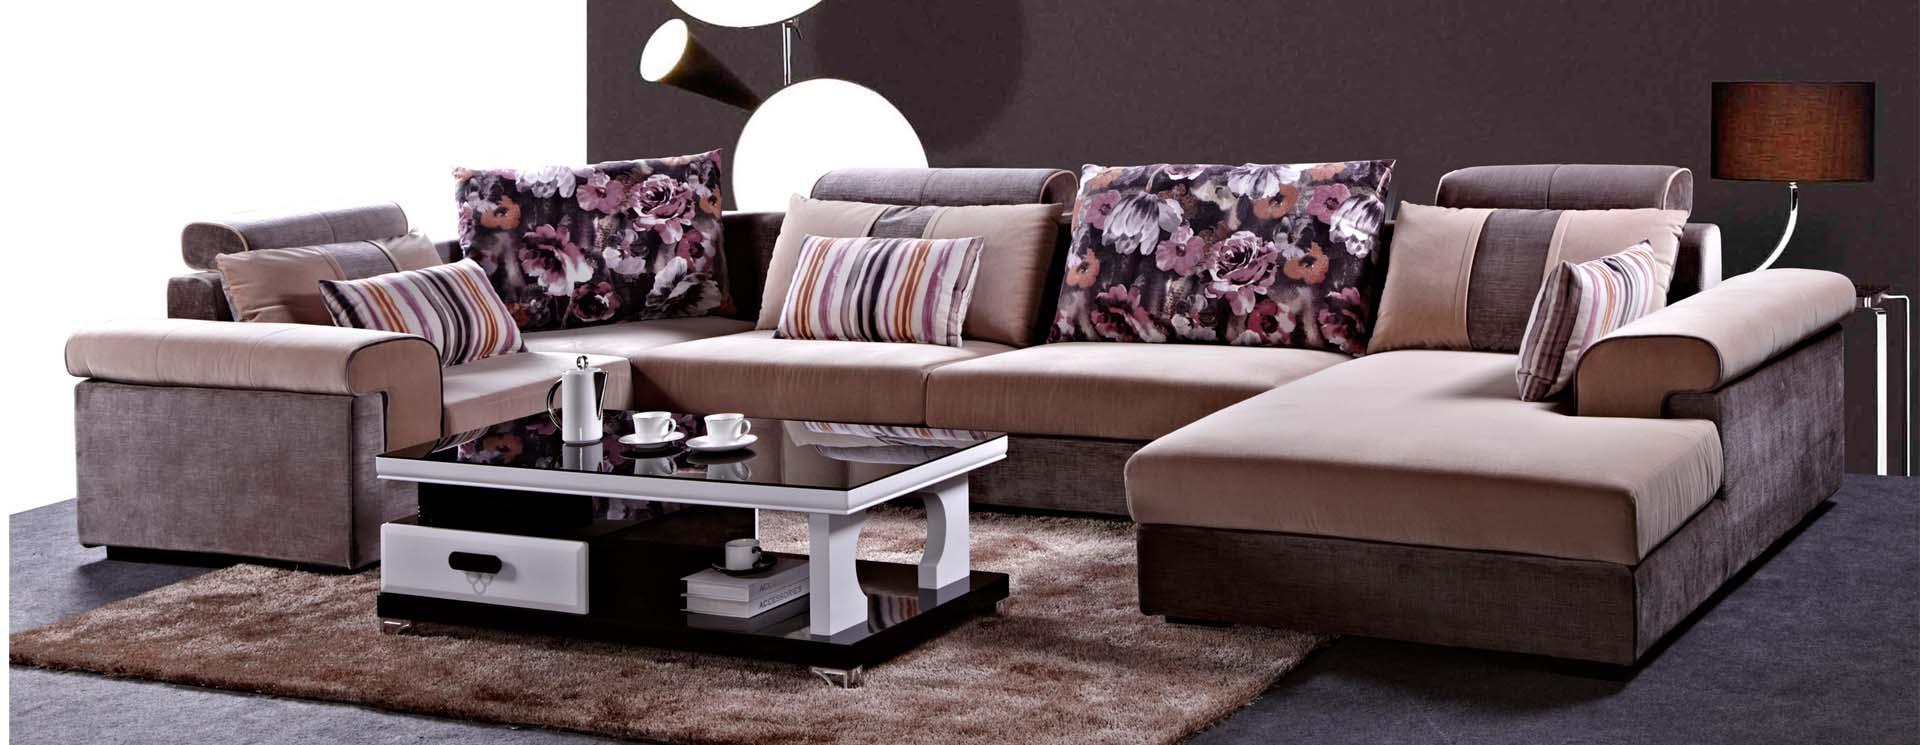 名称:沙发SF33#A<br/> 市场价:<font style='color:#999;text-decoration:line-through;'>¥0</font><br />全国统一零售价:<font color='Red'>¥0.0</font>